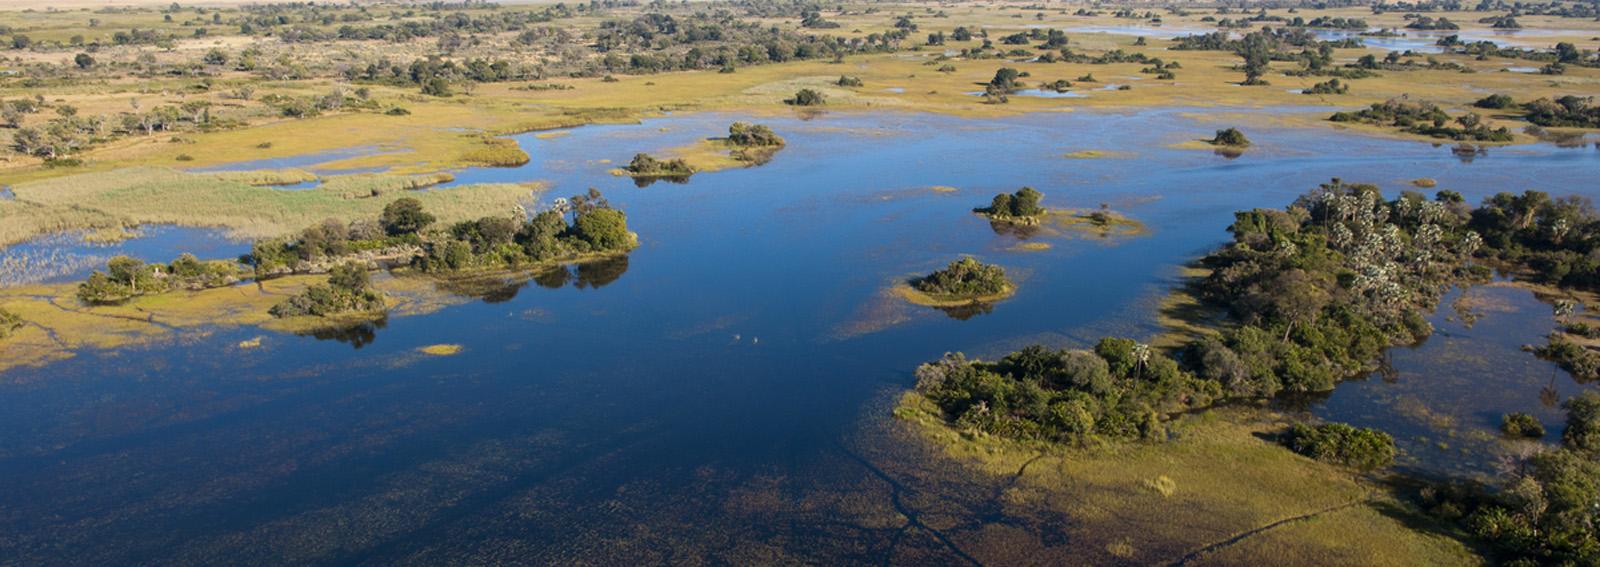 botswana-okavango